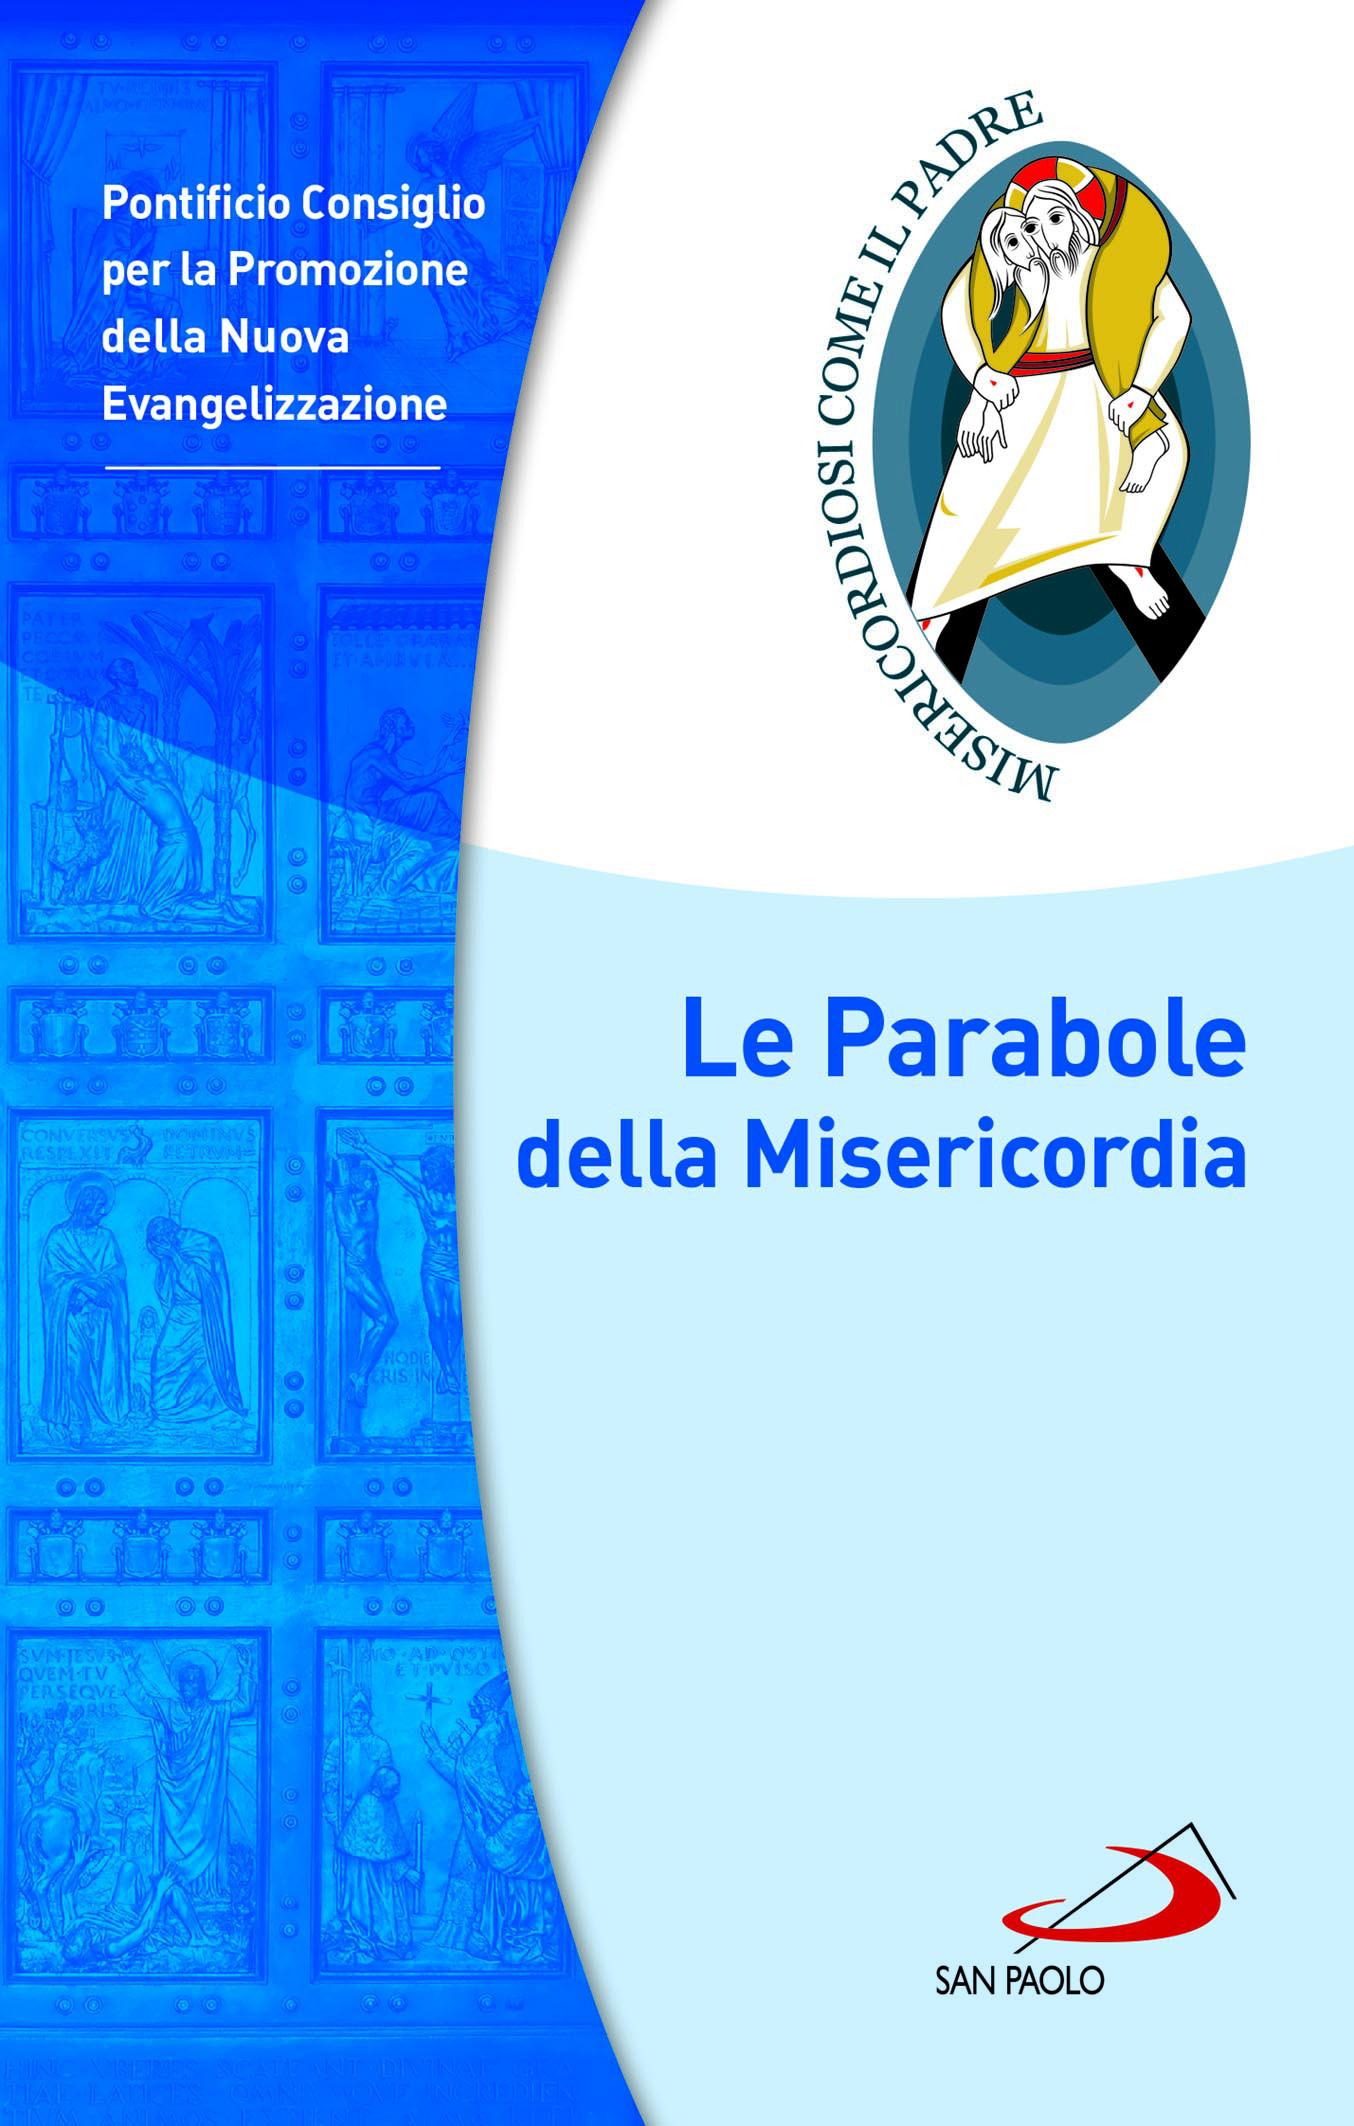 06I72_Parabole